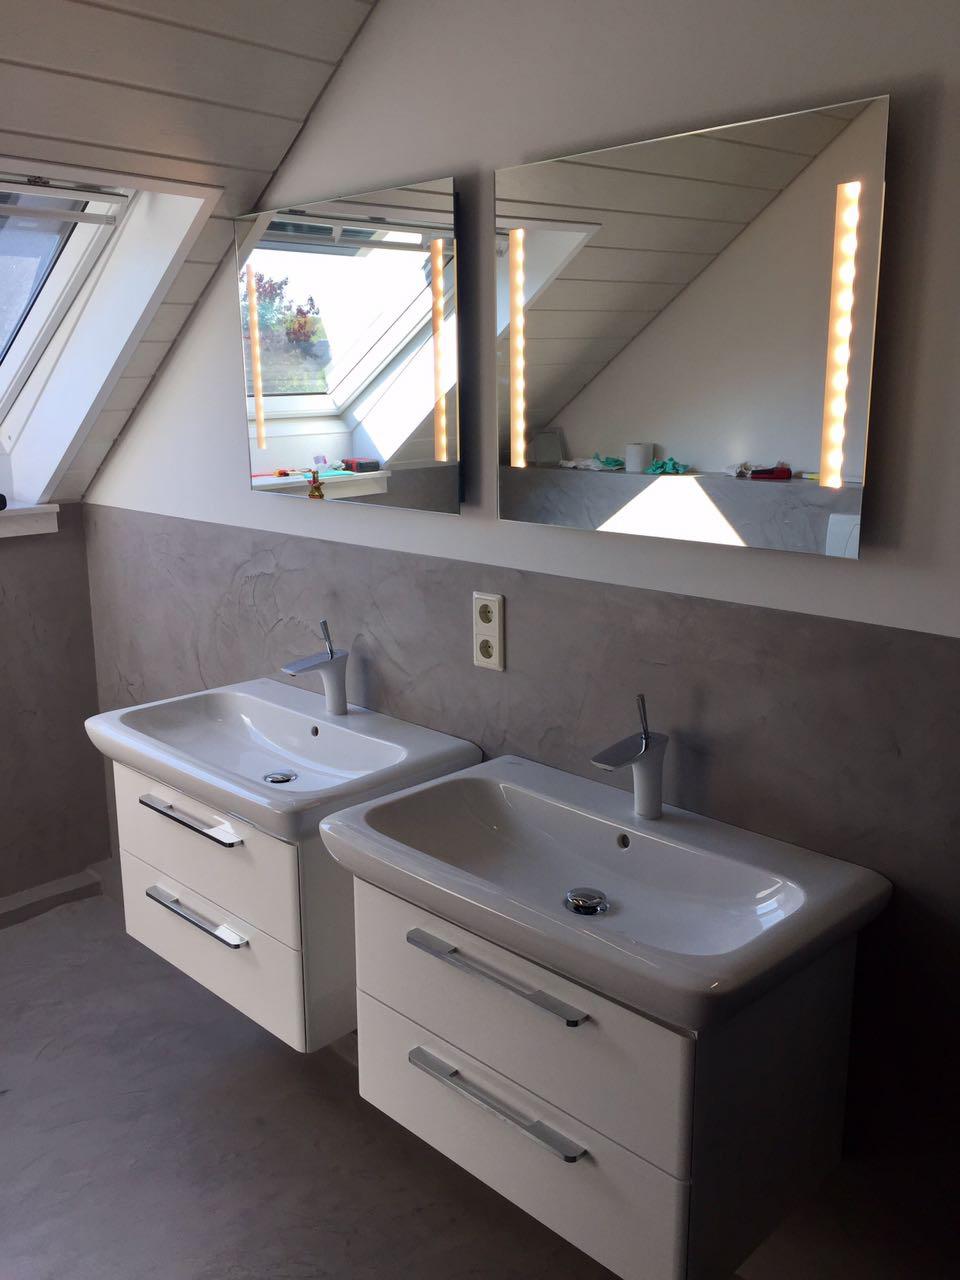 Beton Optik als Wand- und Bodenbelag | Steinteppich in NRW